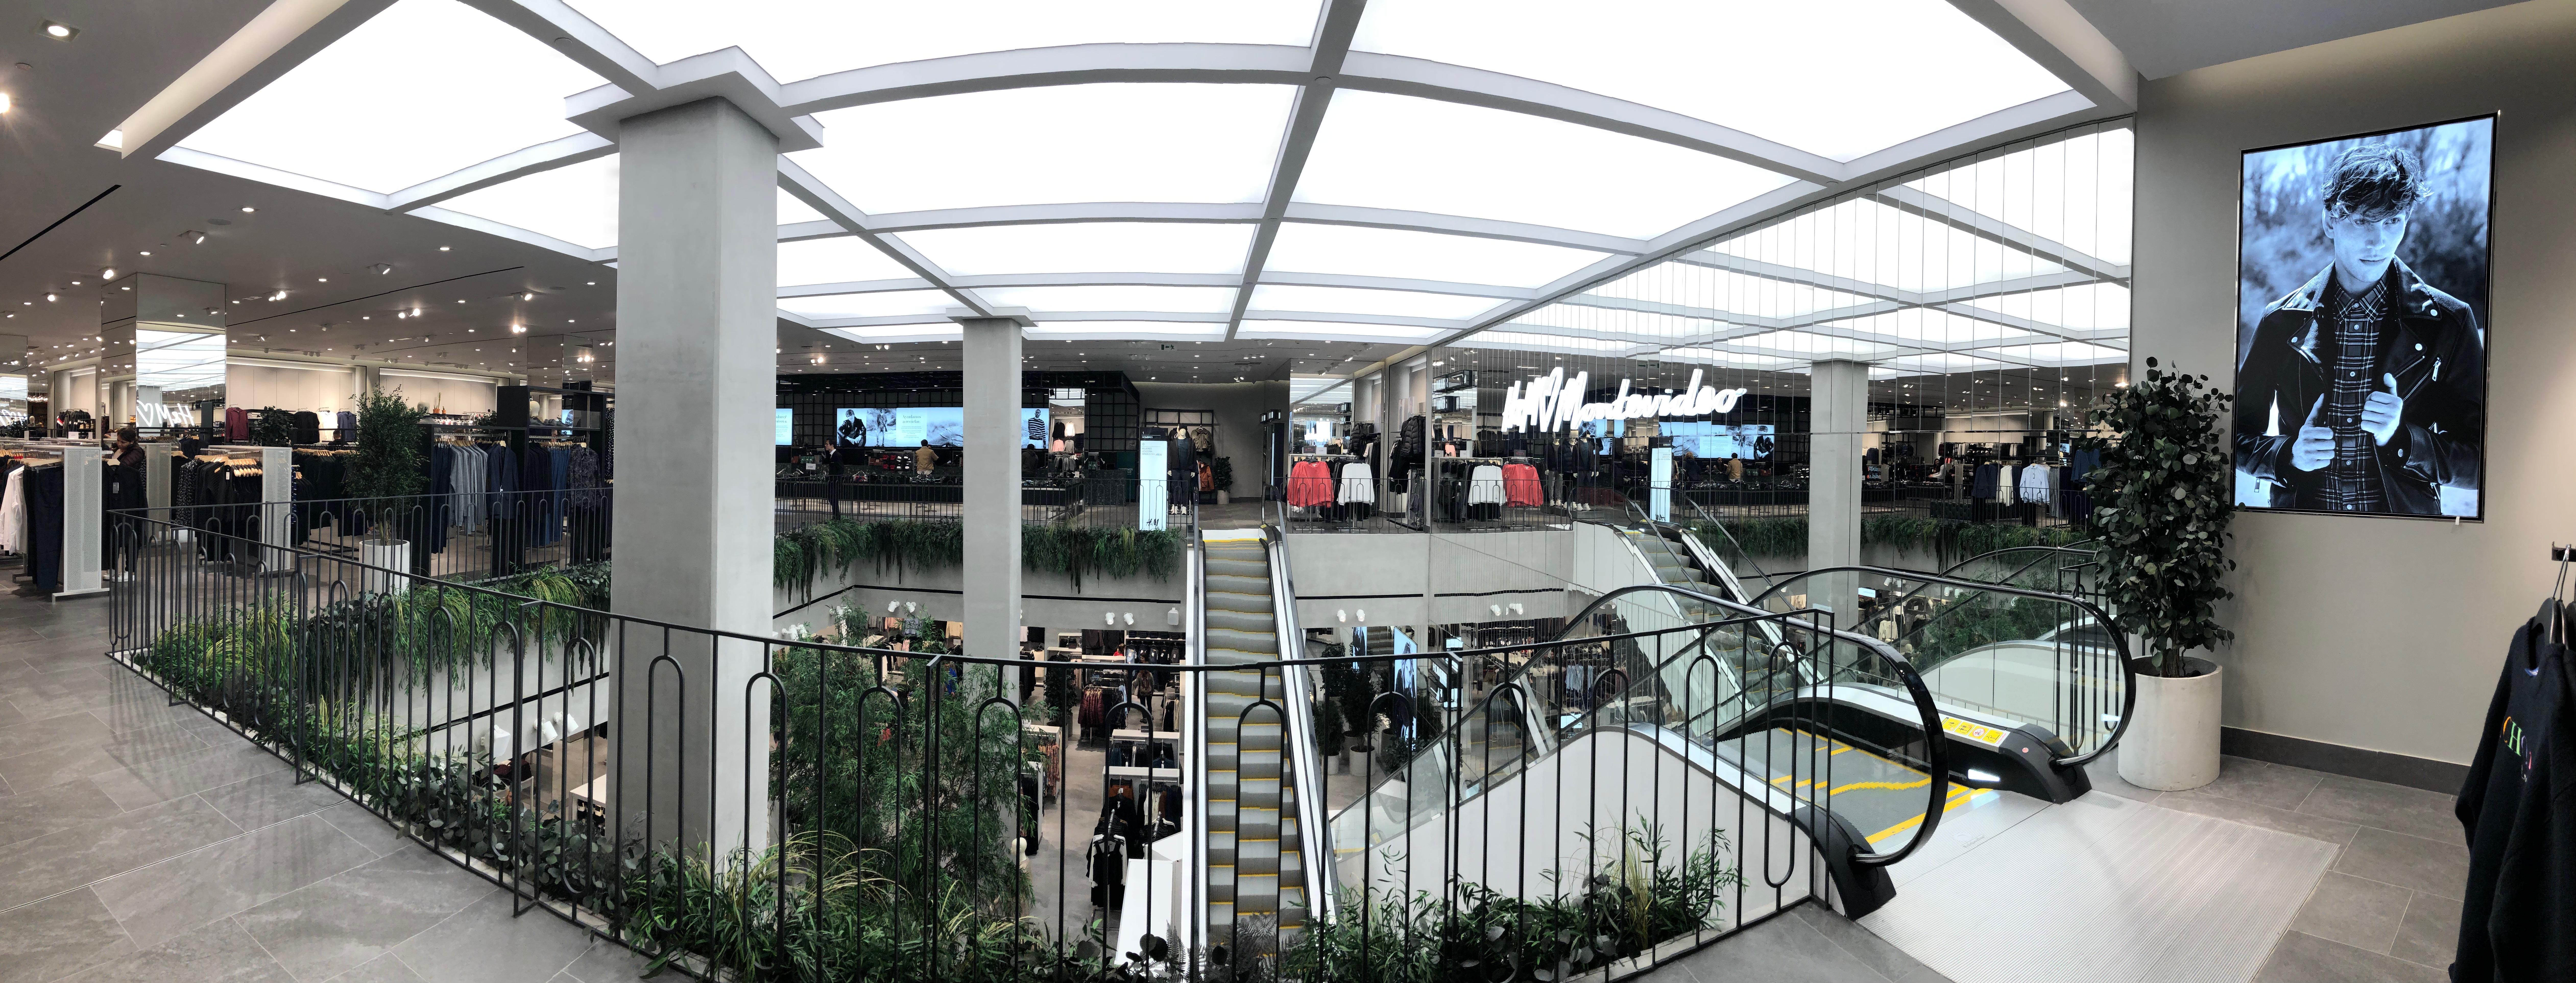 H&M Punta Carretas Shopping